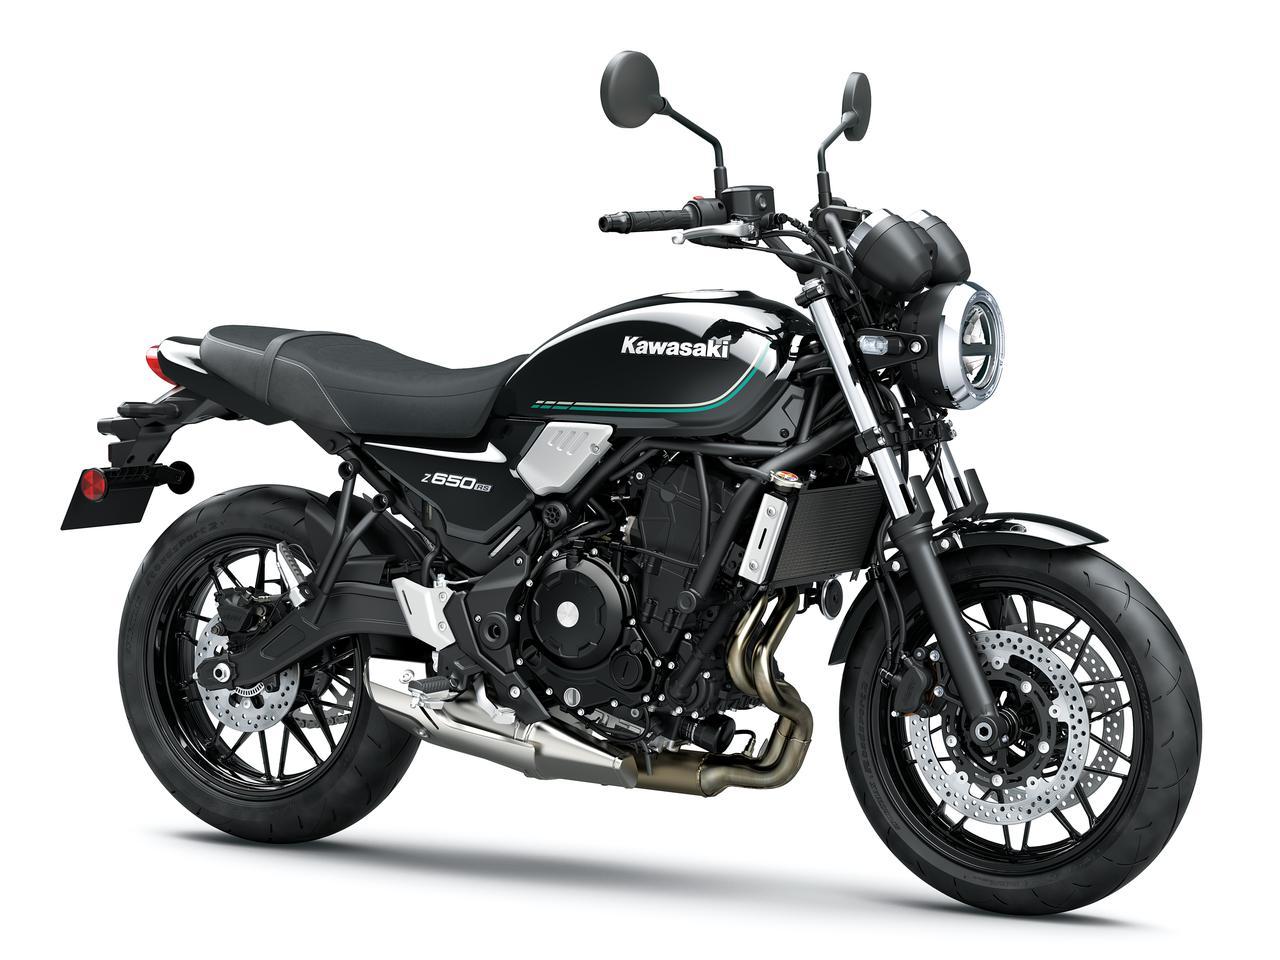 画像5: カワサキが「Z650RS」を正式発表! 水冷2気筒649ccエンジンを搭載したネオレトロスタイルの新型ネイキッドバイク【2022速報】